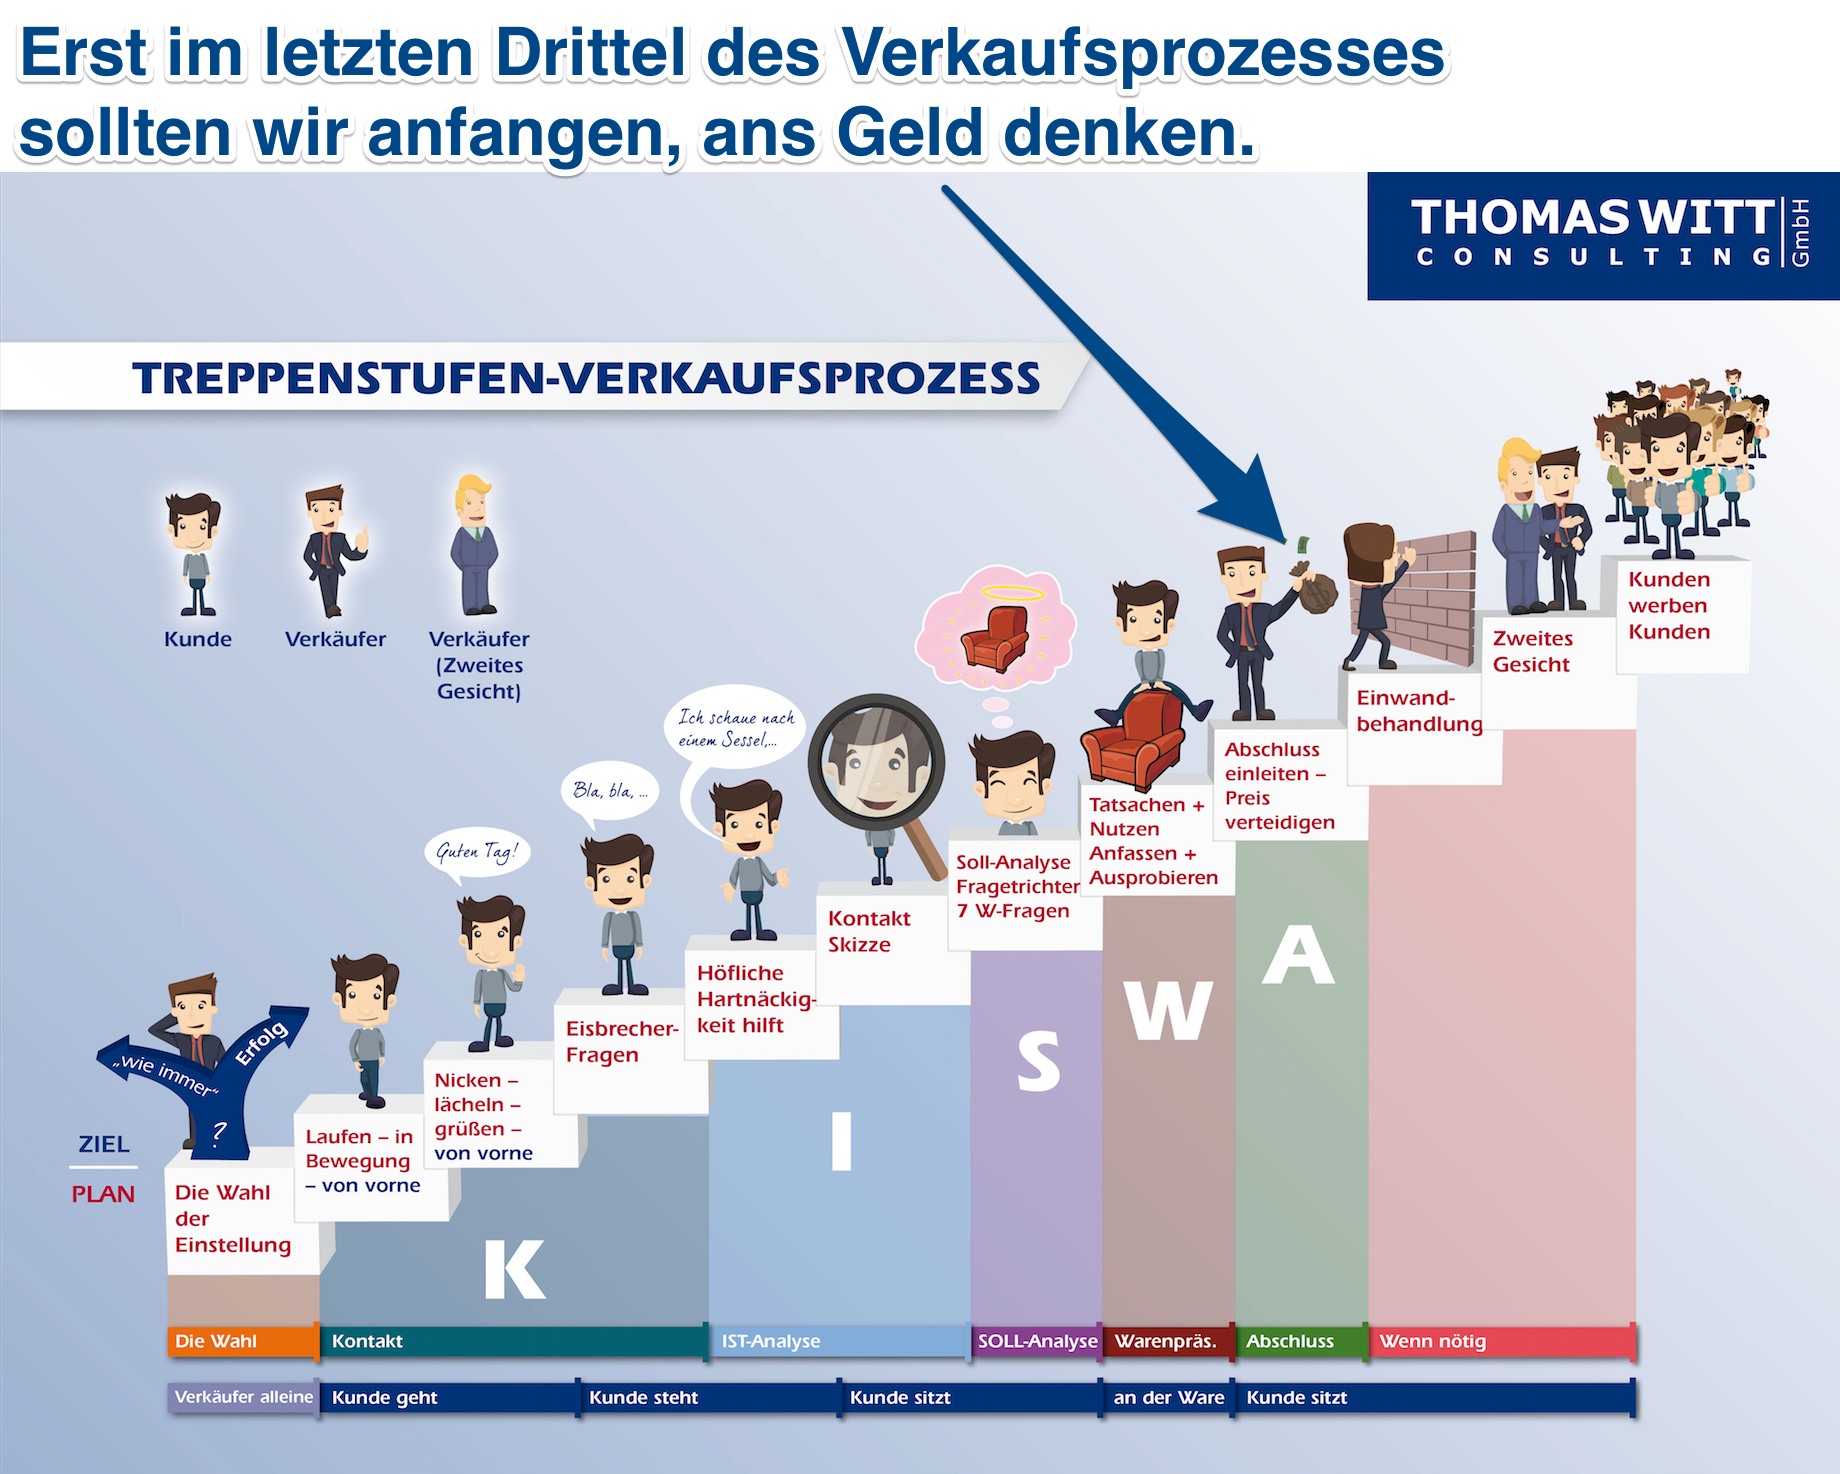 Treppenstufen-Verkaufsprozess-Möbelverkauf-Thomas-Witt